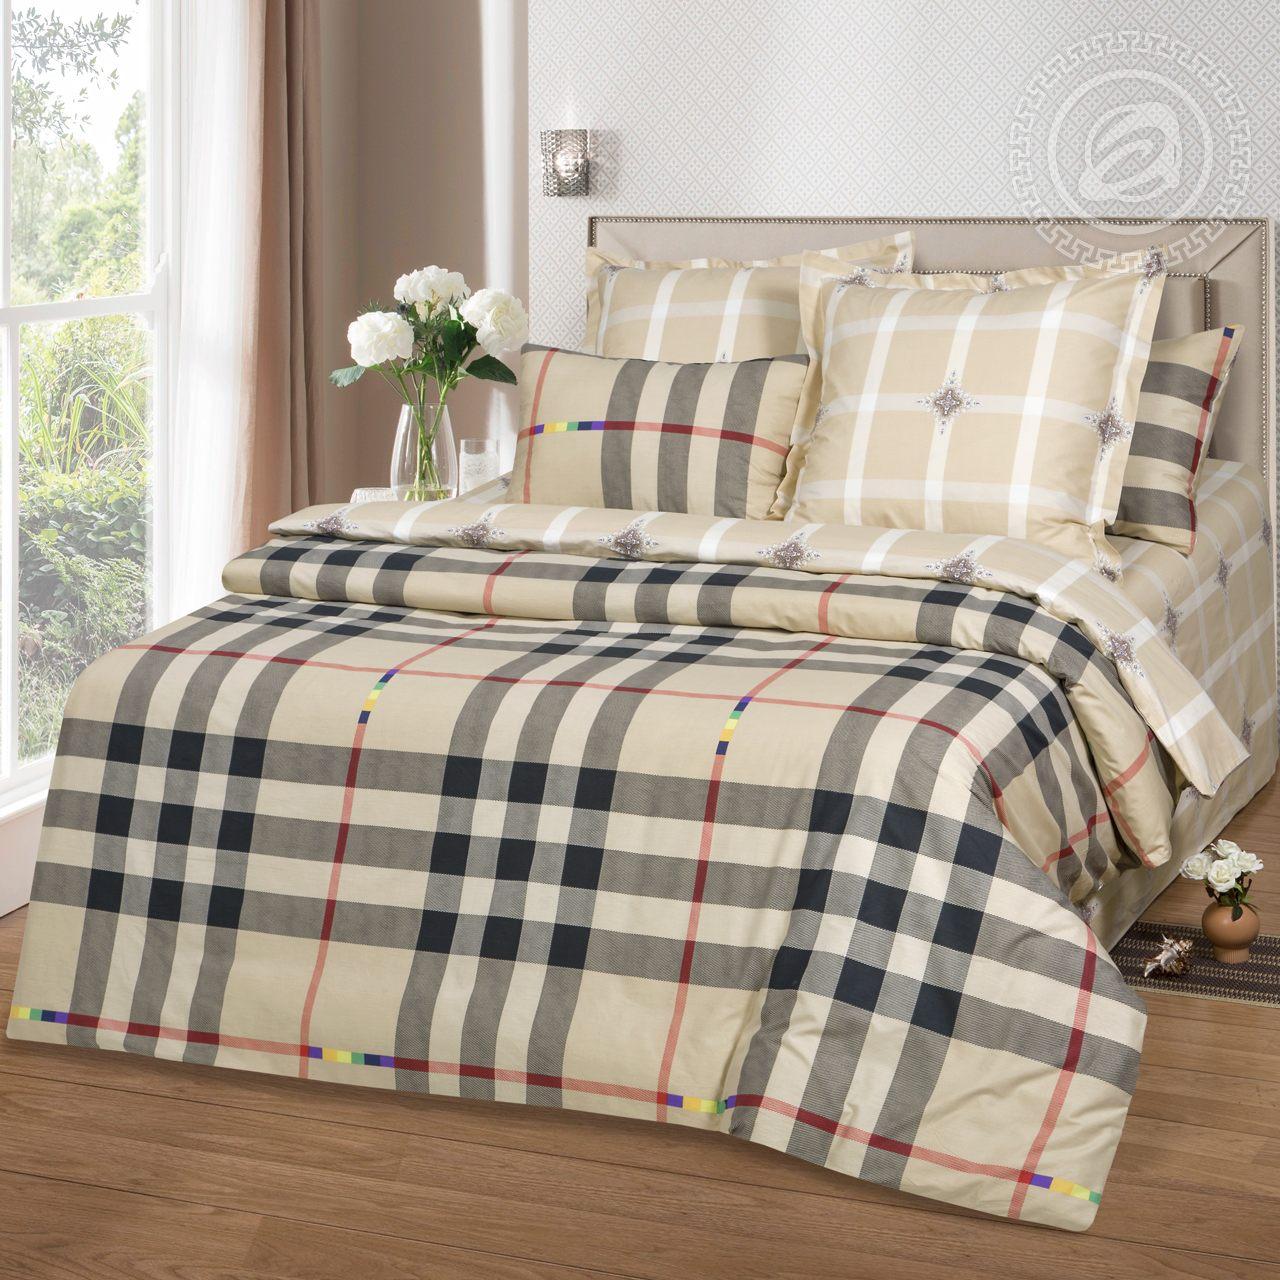 Фото - Постельное белье Галант (сатин) (1,5 спальный) постельное белье тифани сатин 1 5 спальный